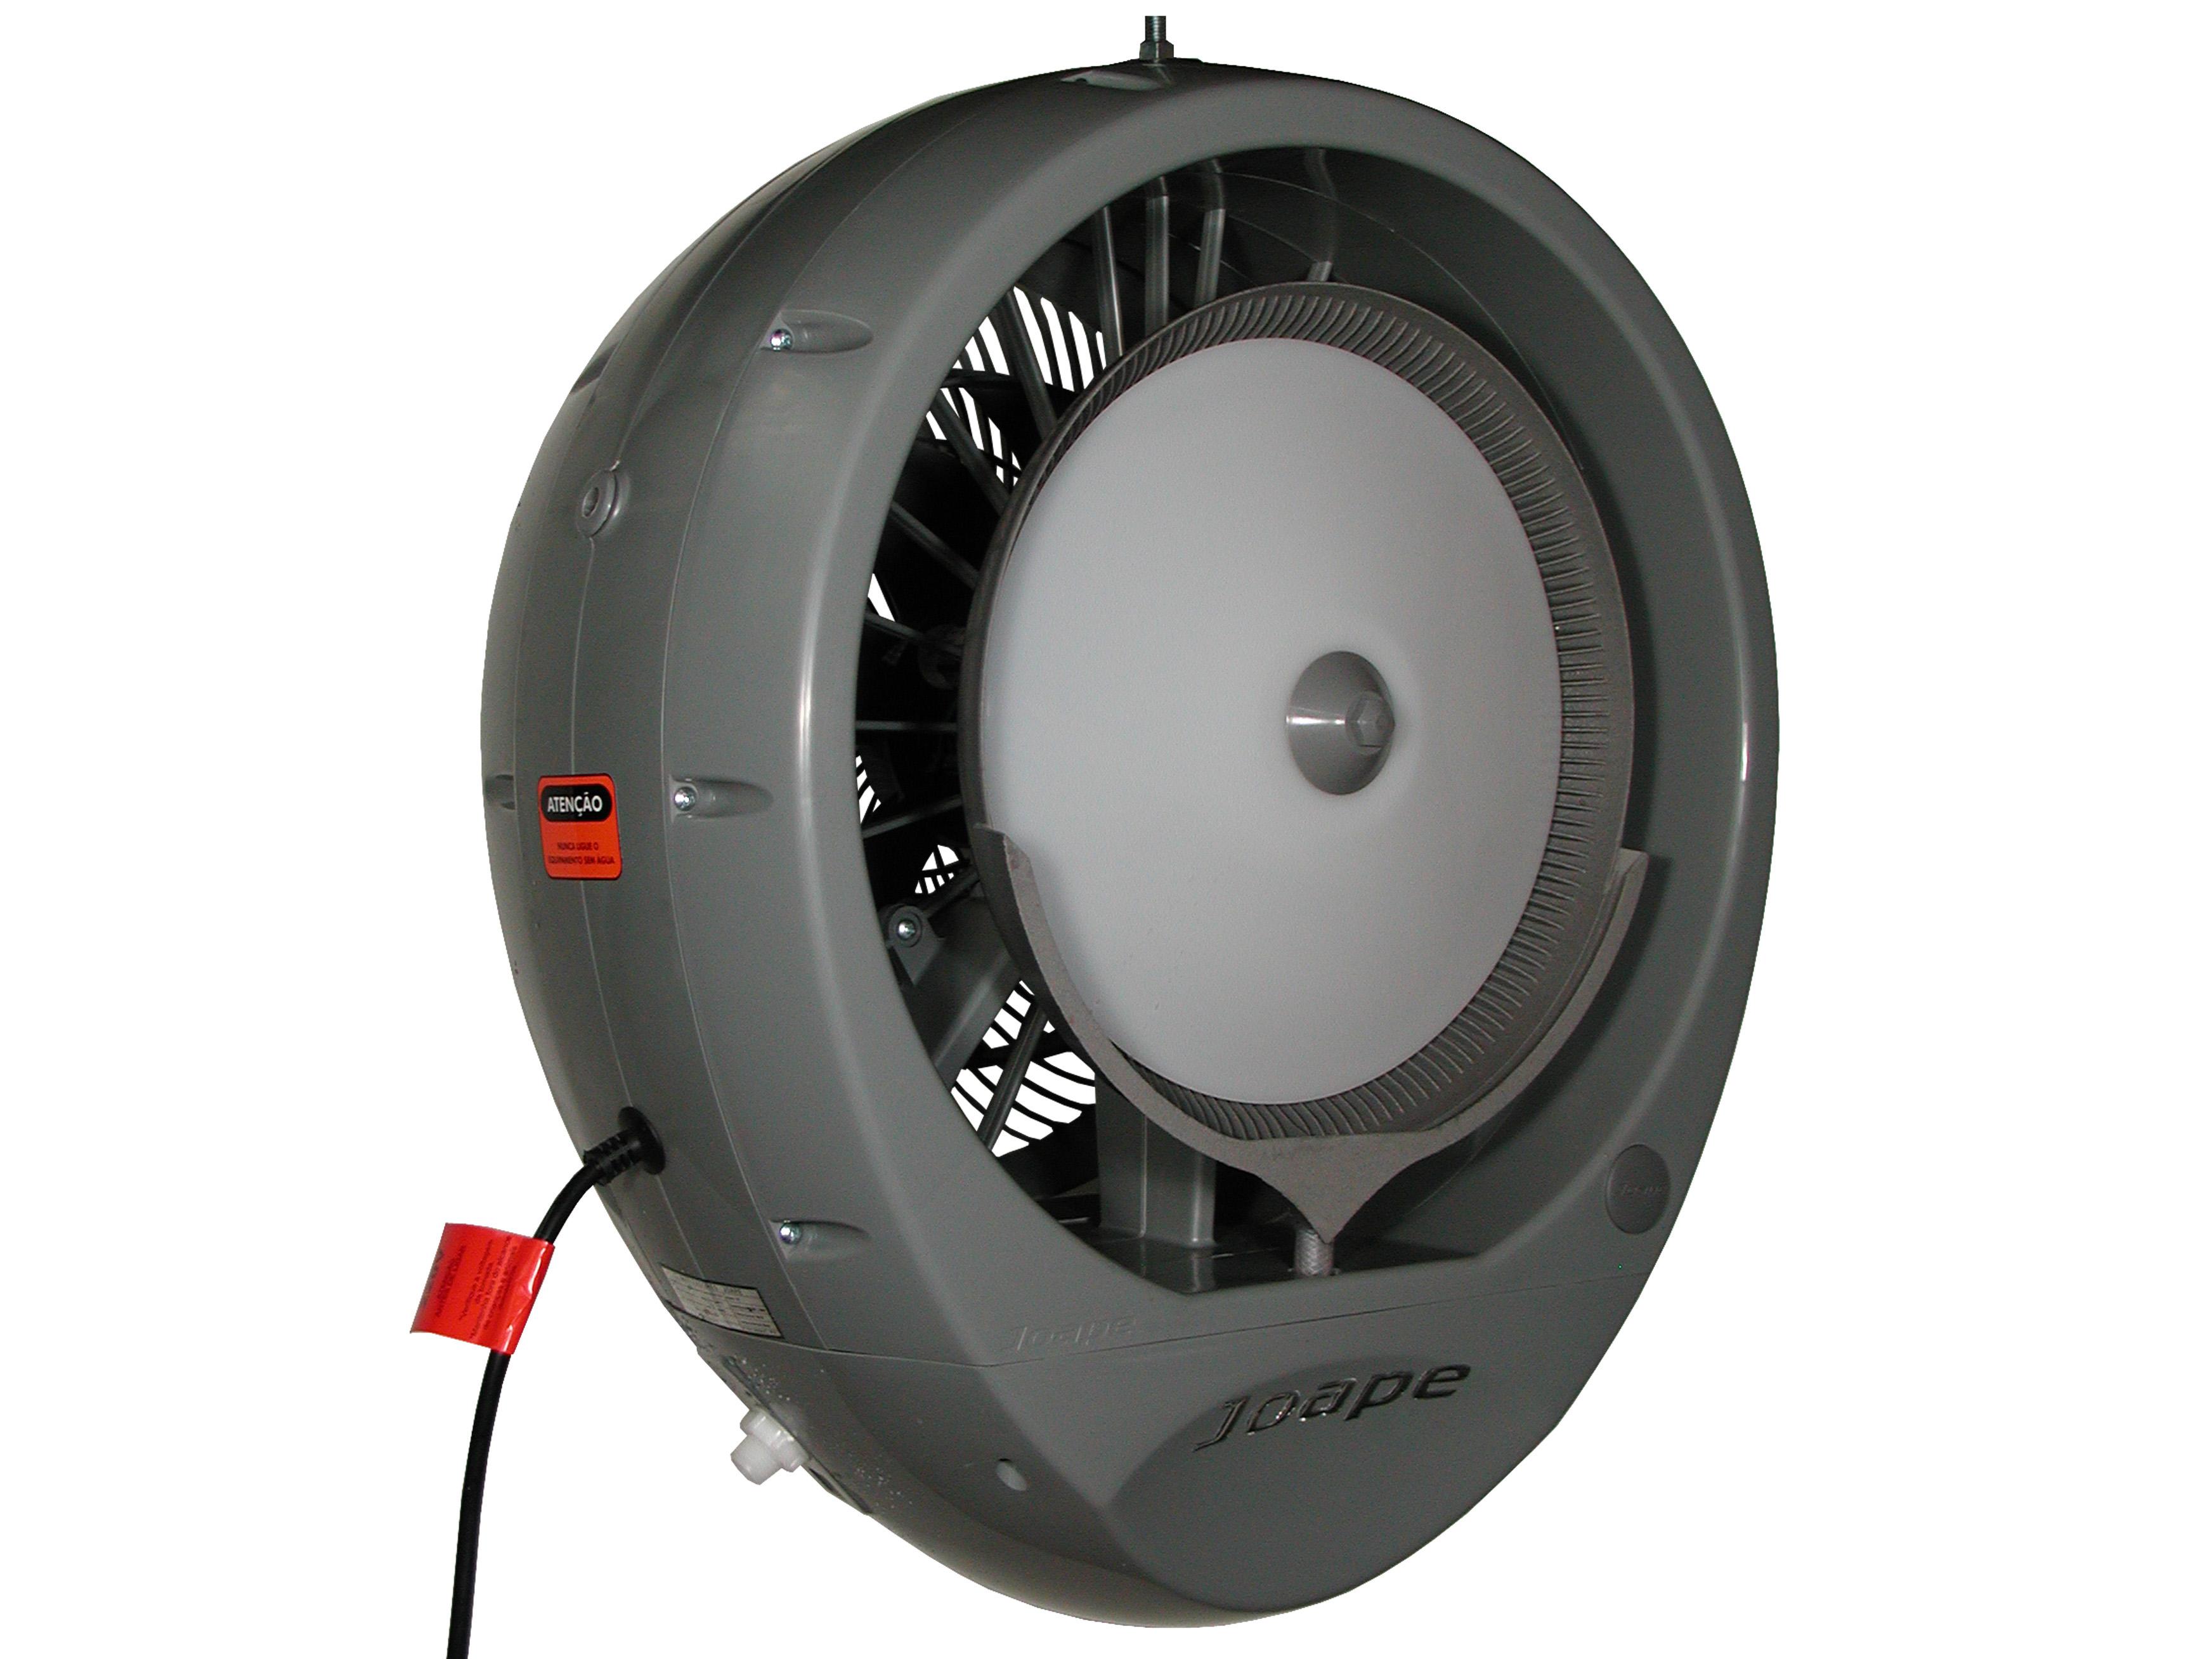 Climatizador joape industrial jurer para at 100m safeshop - Climatizador de agua ...